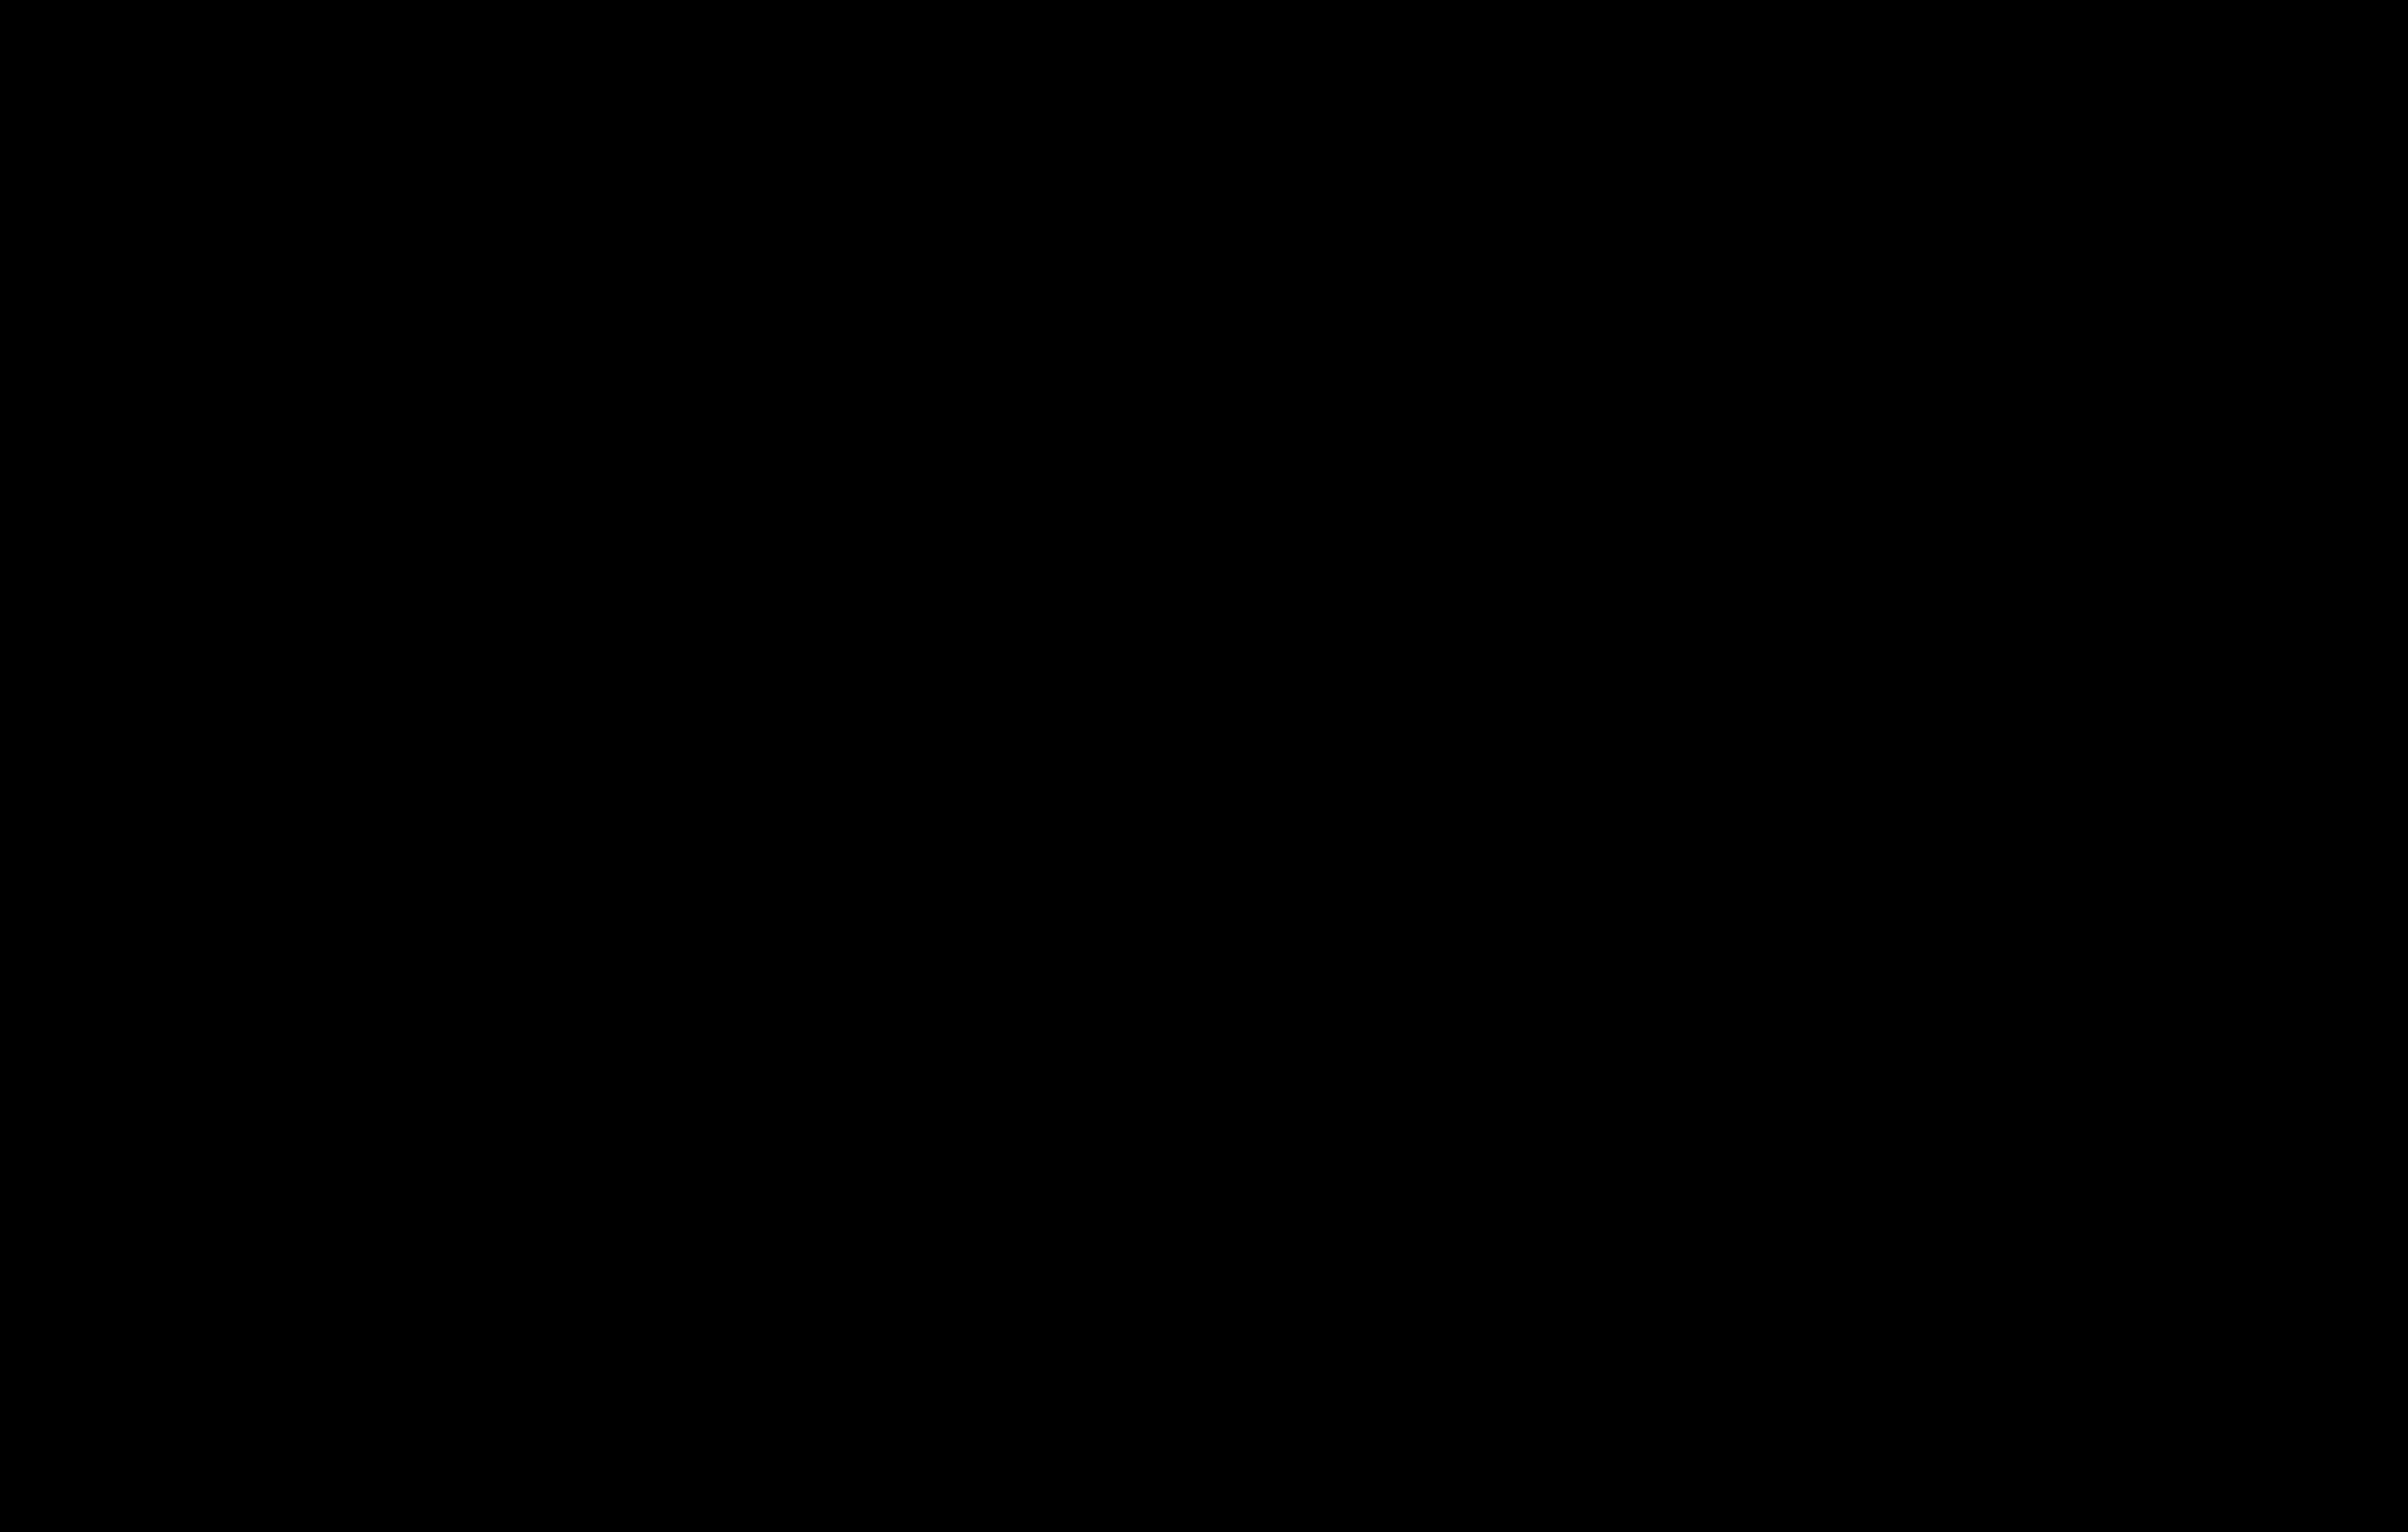 UngNannestad sin logo og animasjon på mobil